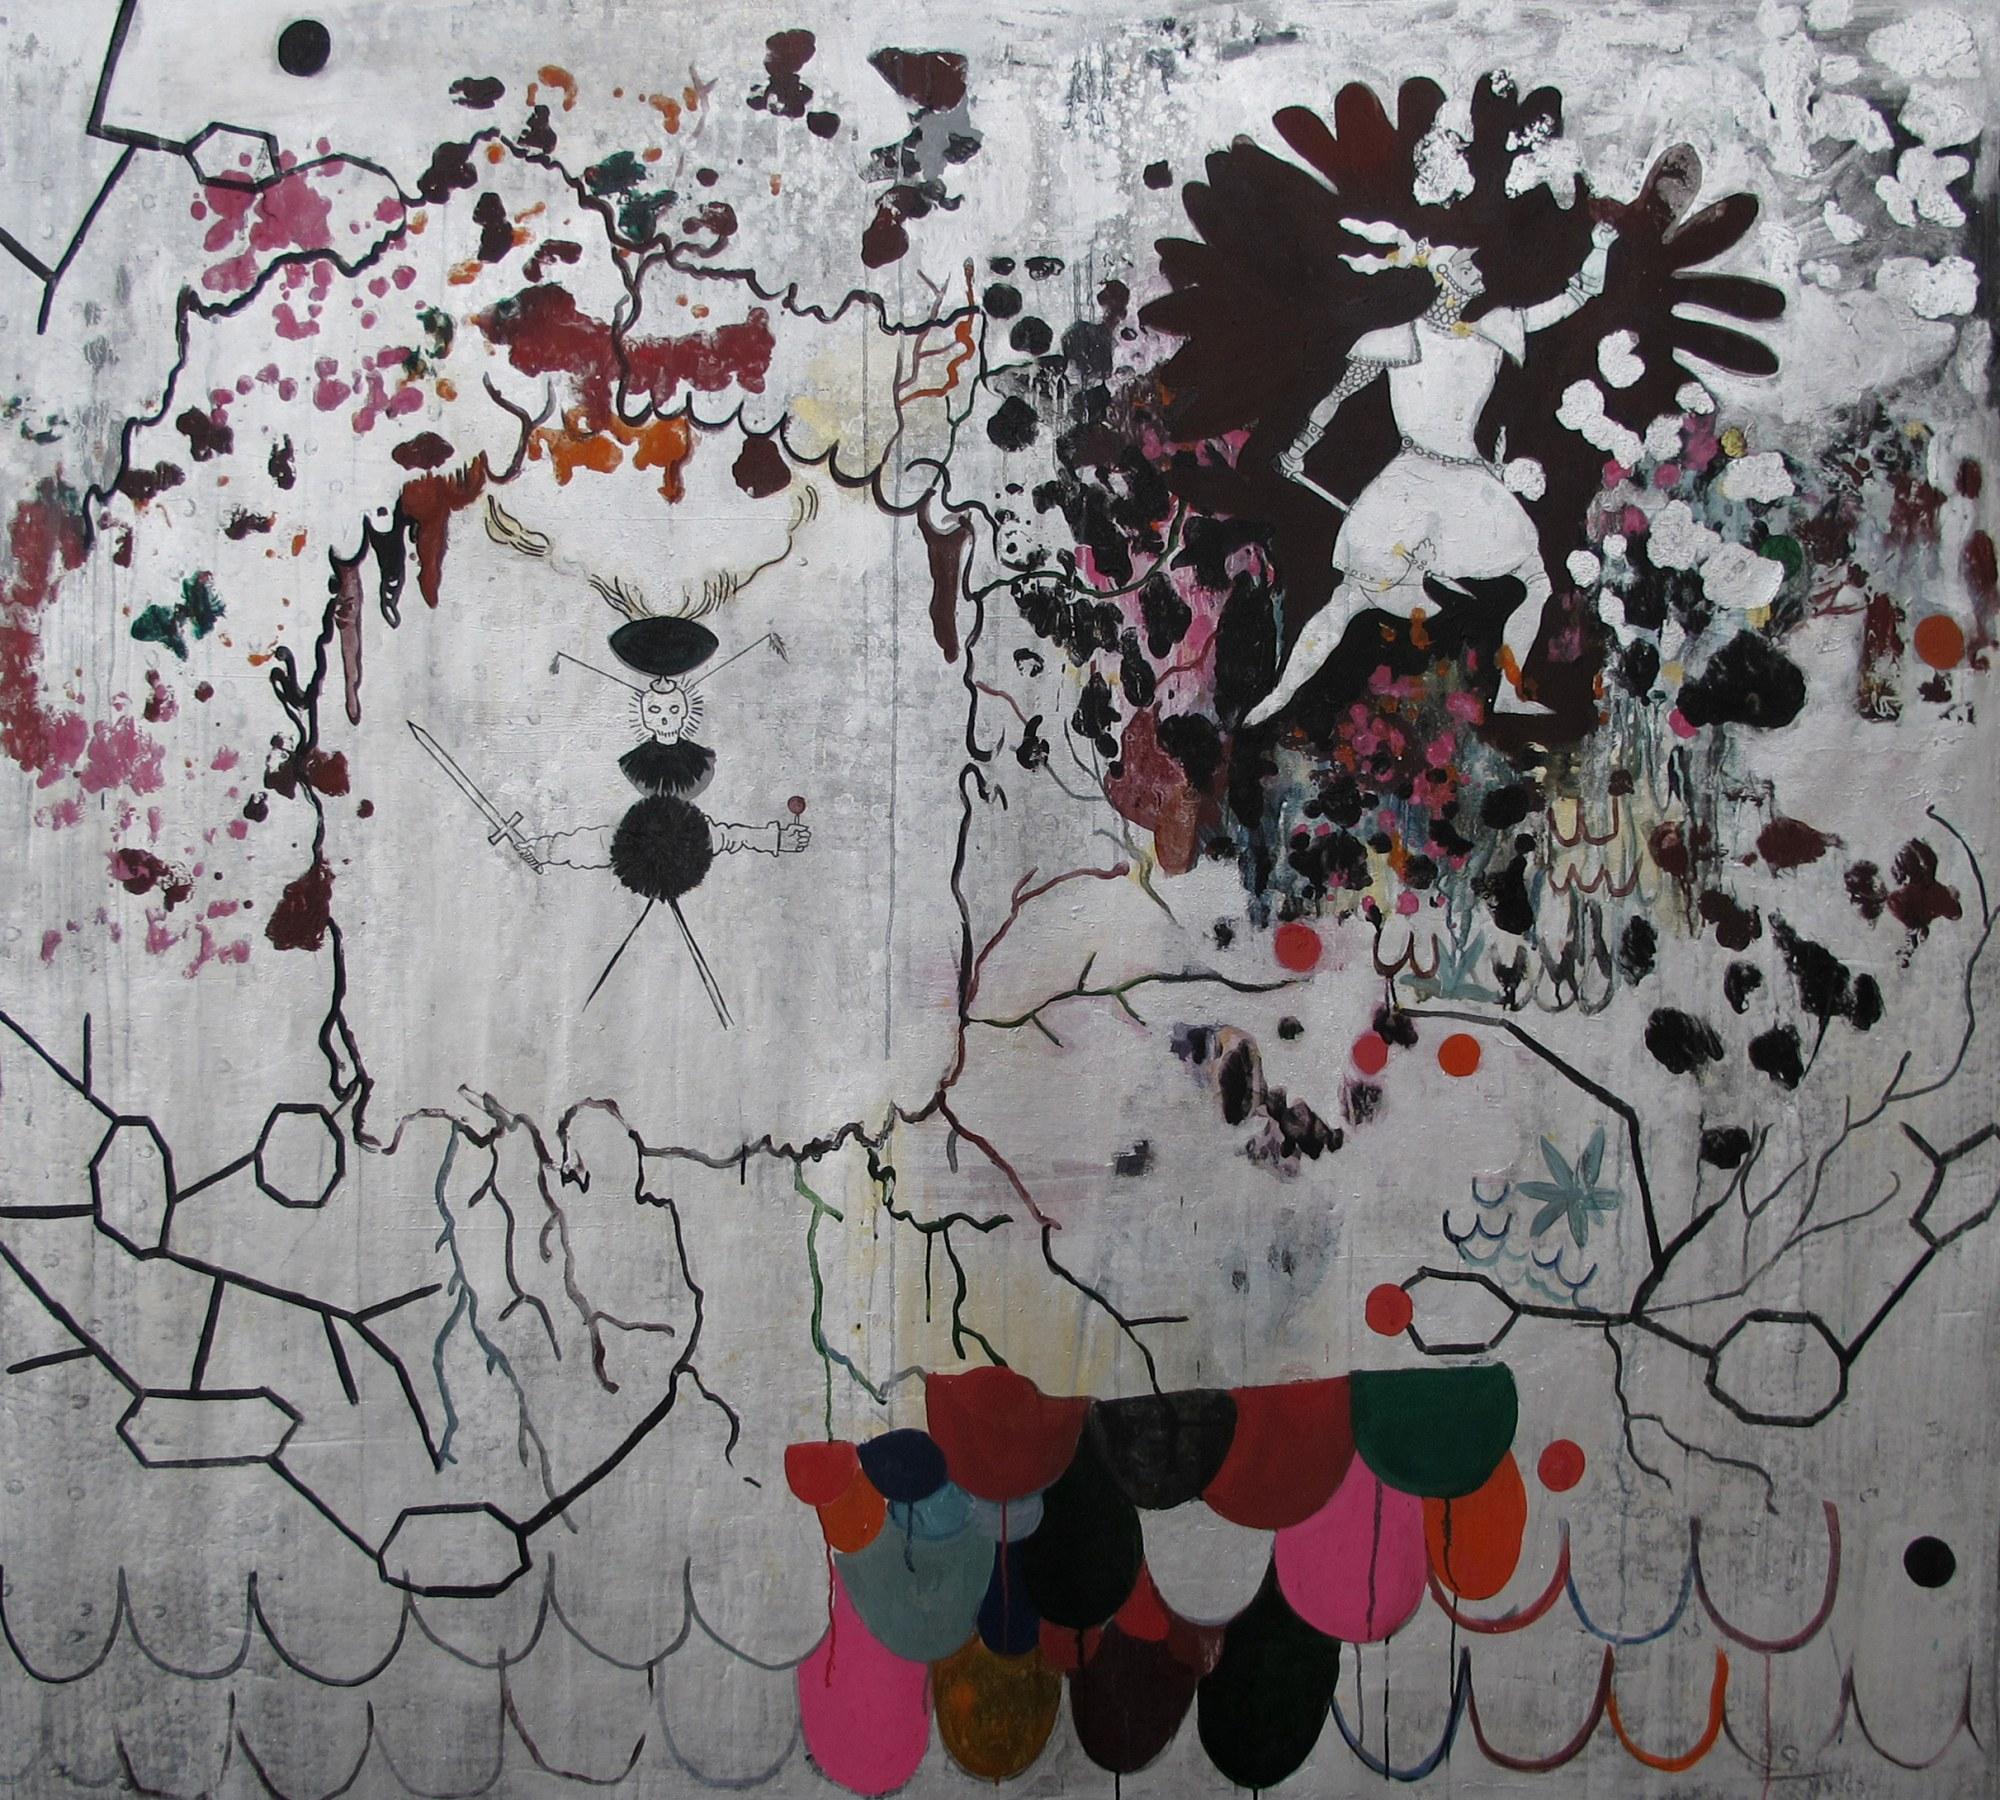 © Hélène Delprat Chanson de geste pleine de héros épiques qui forcent l'admiration, 2013, Pigments et liant acrylique, crayon de couleur et gouache sur toile, 160 x 180 cm, Adagp, Paris, 2021, Courtesy de l'artiste et de la Galerie Christophe Gaillard